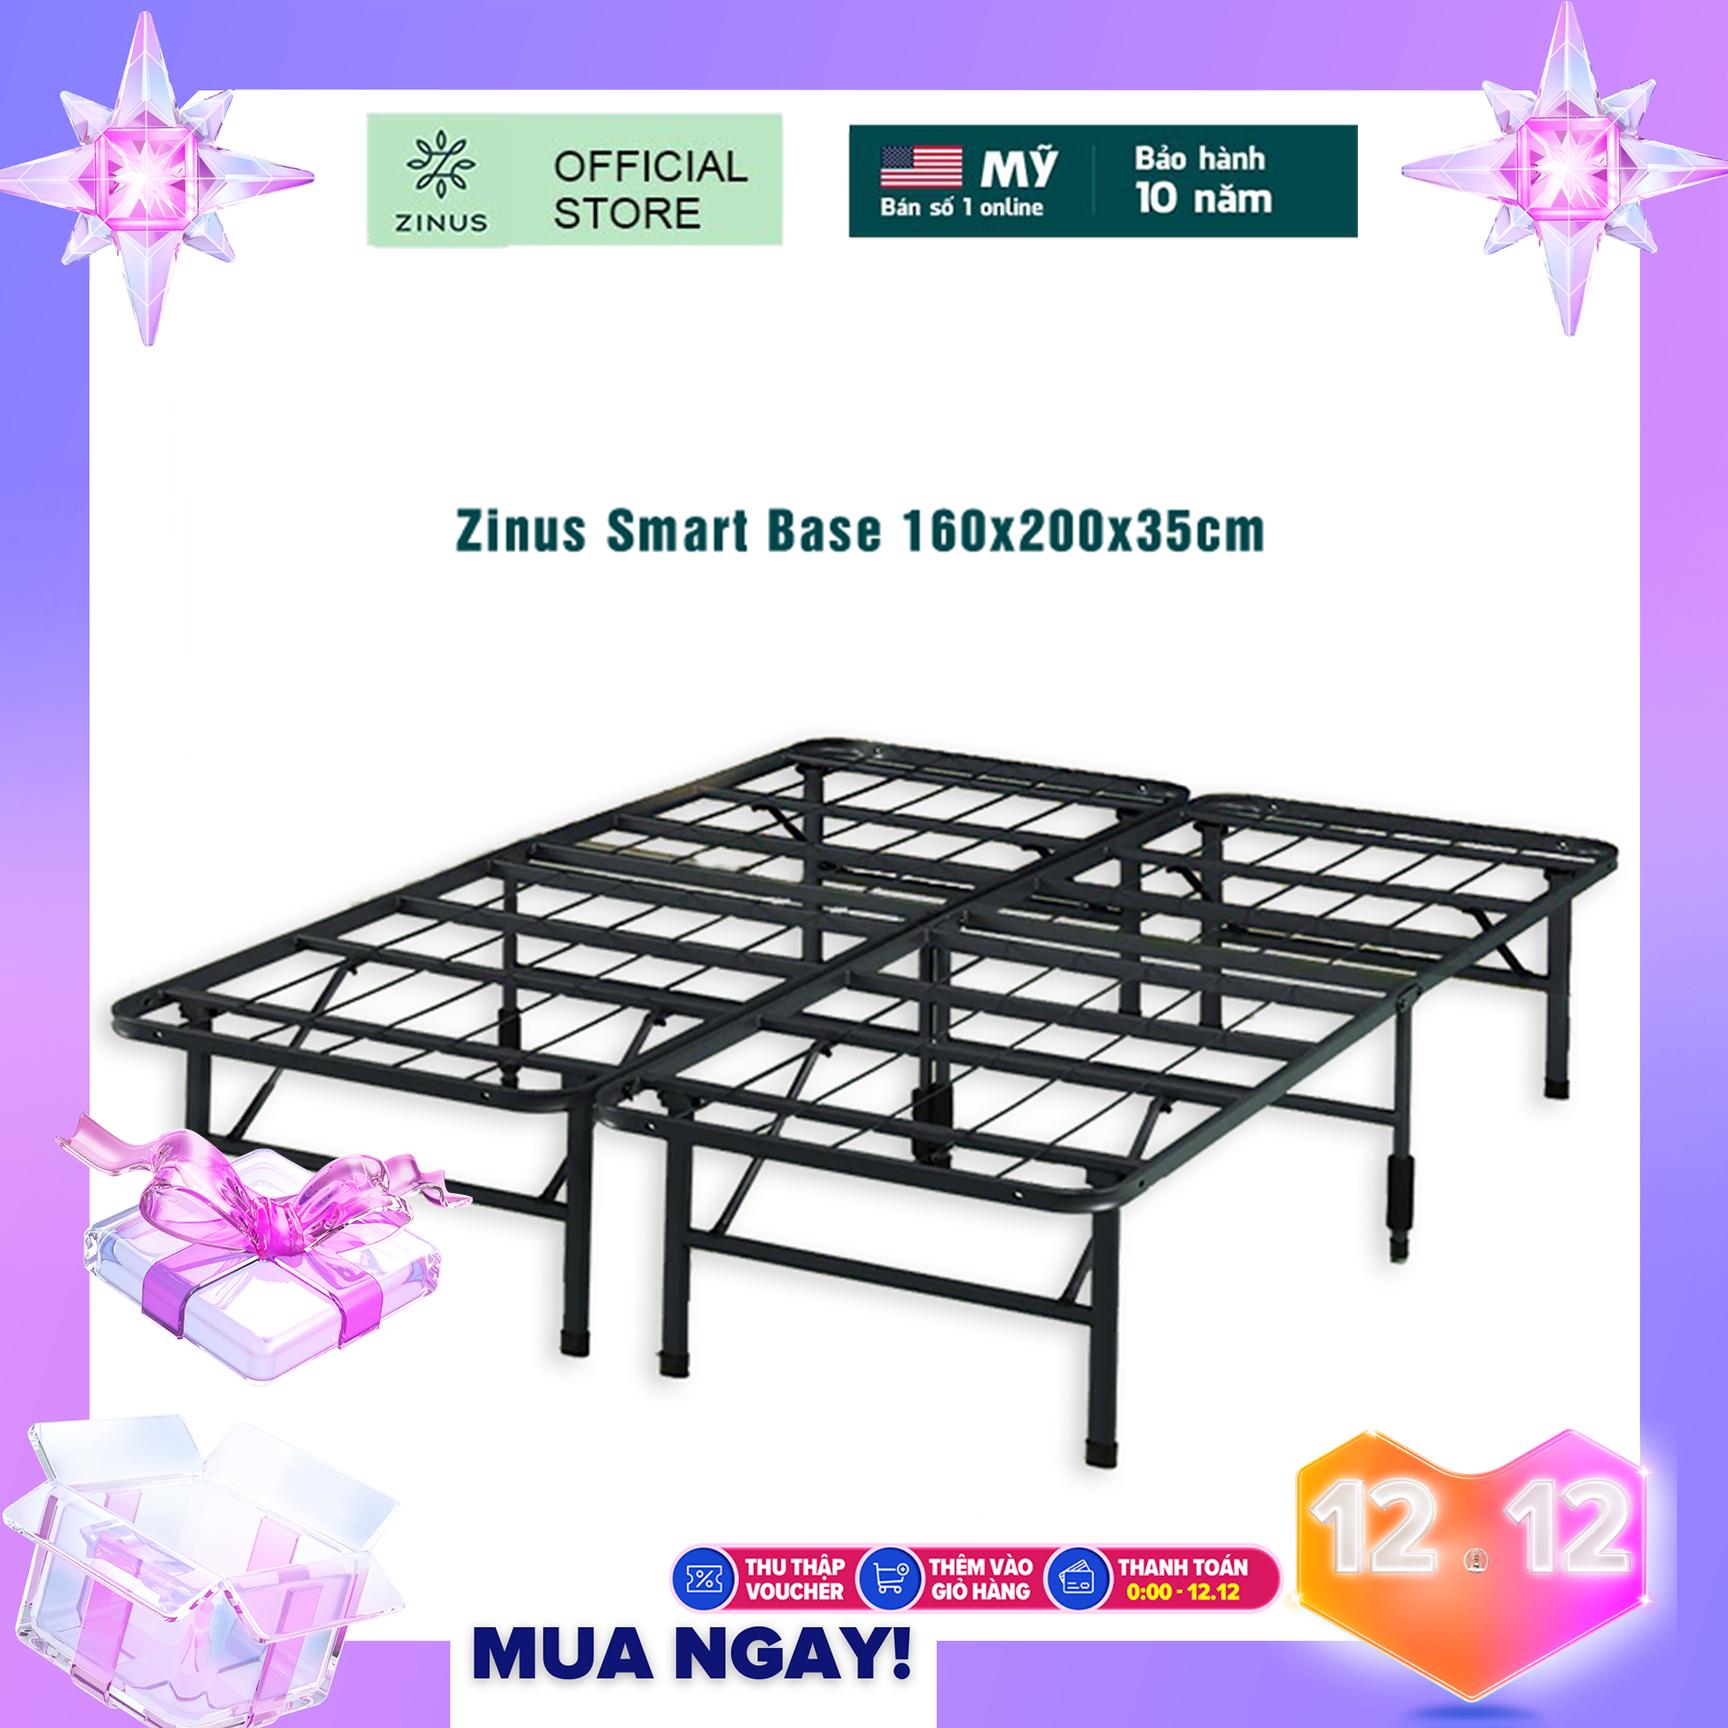 [FREESHIP TP.HCM CHO ĐƠN 2TR5]Giường Sắt Xếp Thông Minh Zinus Smart Base 160x200x35cm